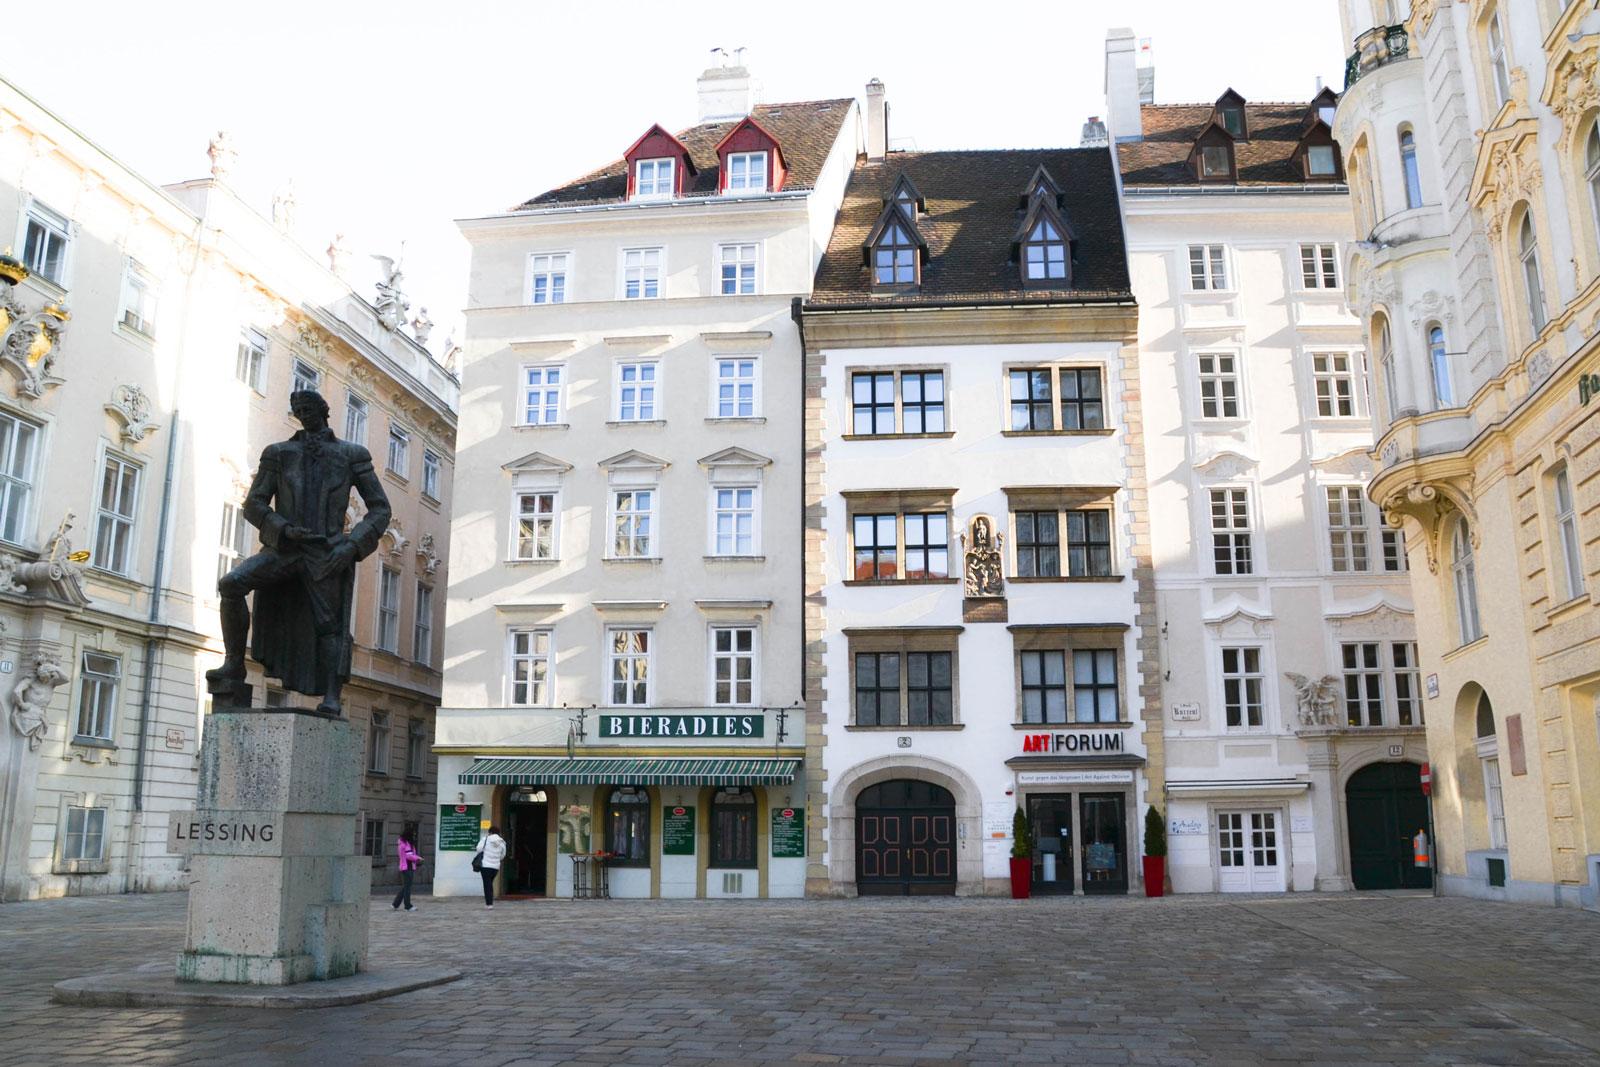 viennainnere-stadt-judenplatz-2